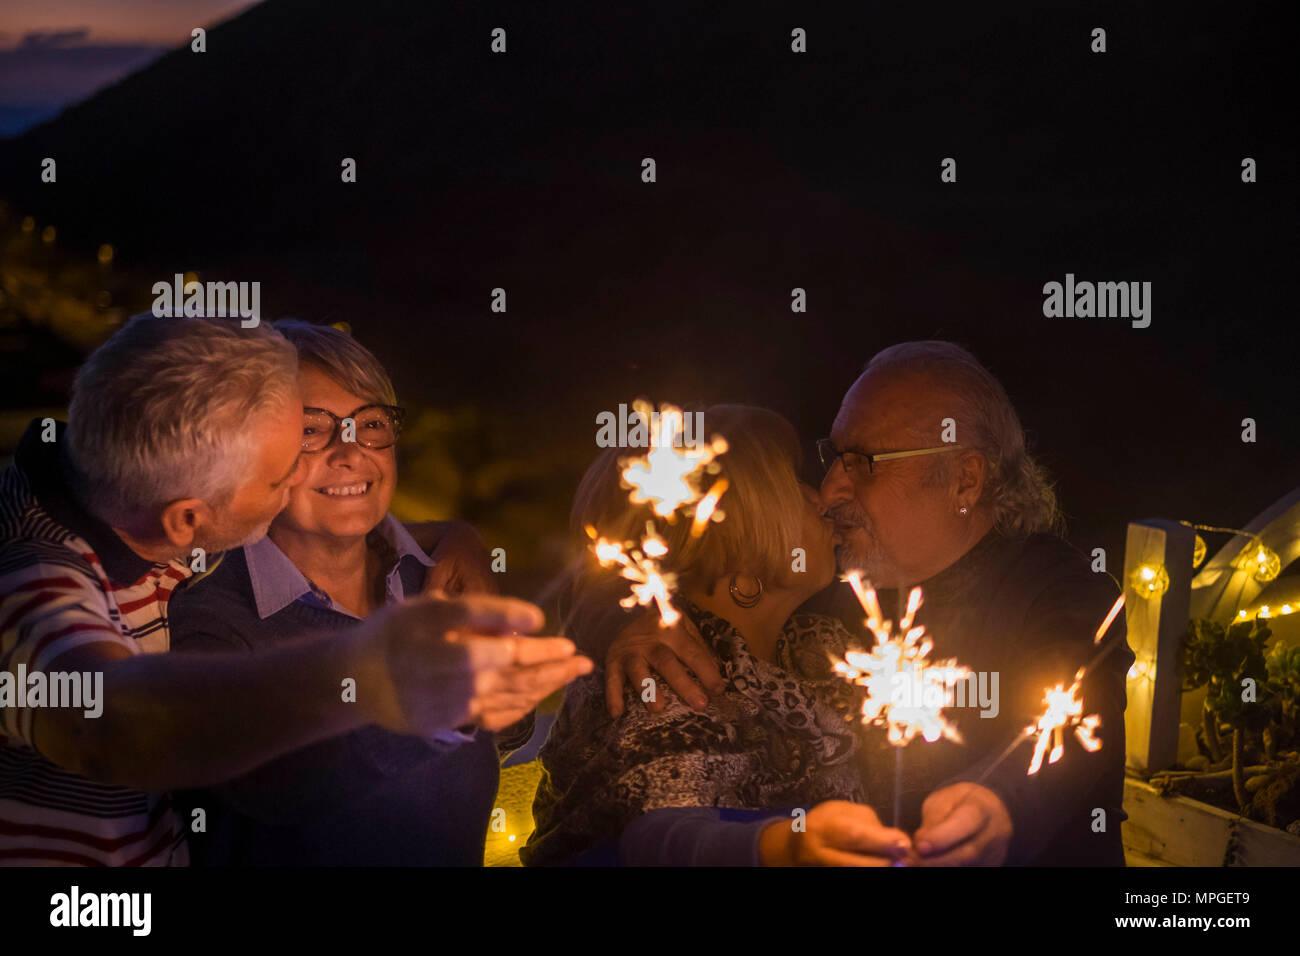 Zwei Paar küssen und Veranstaltung wie Geburtstag oder Silvester im Freien mit funkelt feiern. Glück und Hoffnung für die Zukunft Konzept. senior Lebensstil r Stockbild